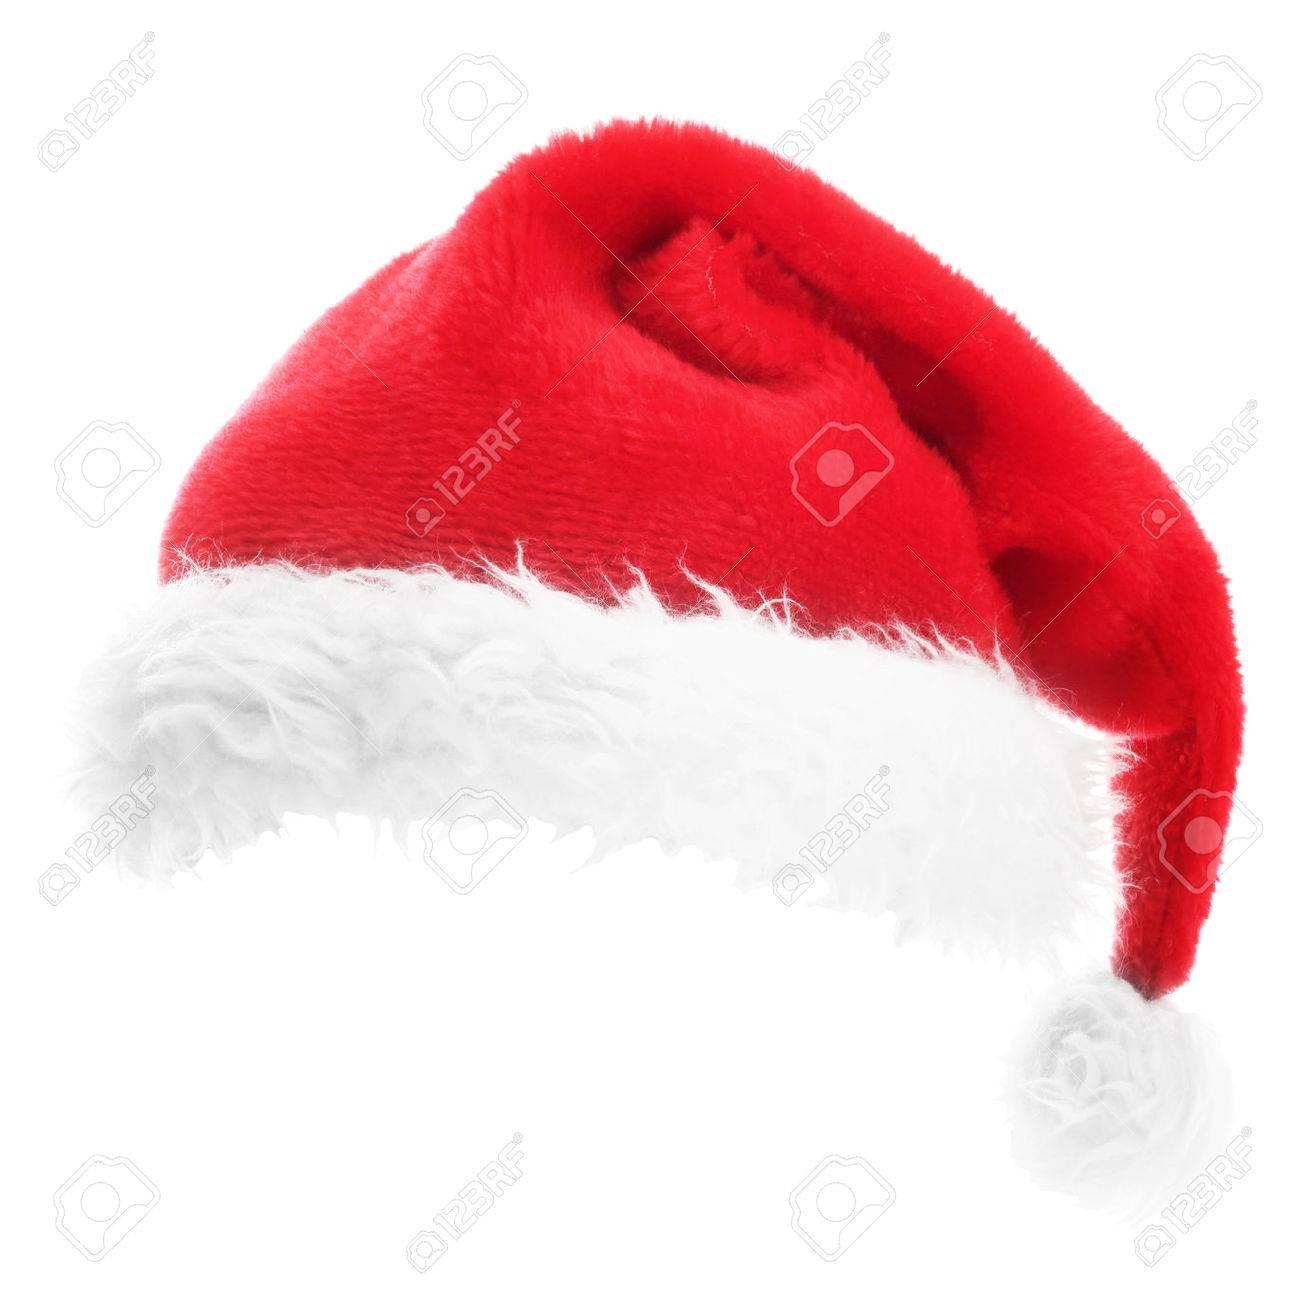 Christmas Santa hat isolated on white background - 45111238